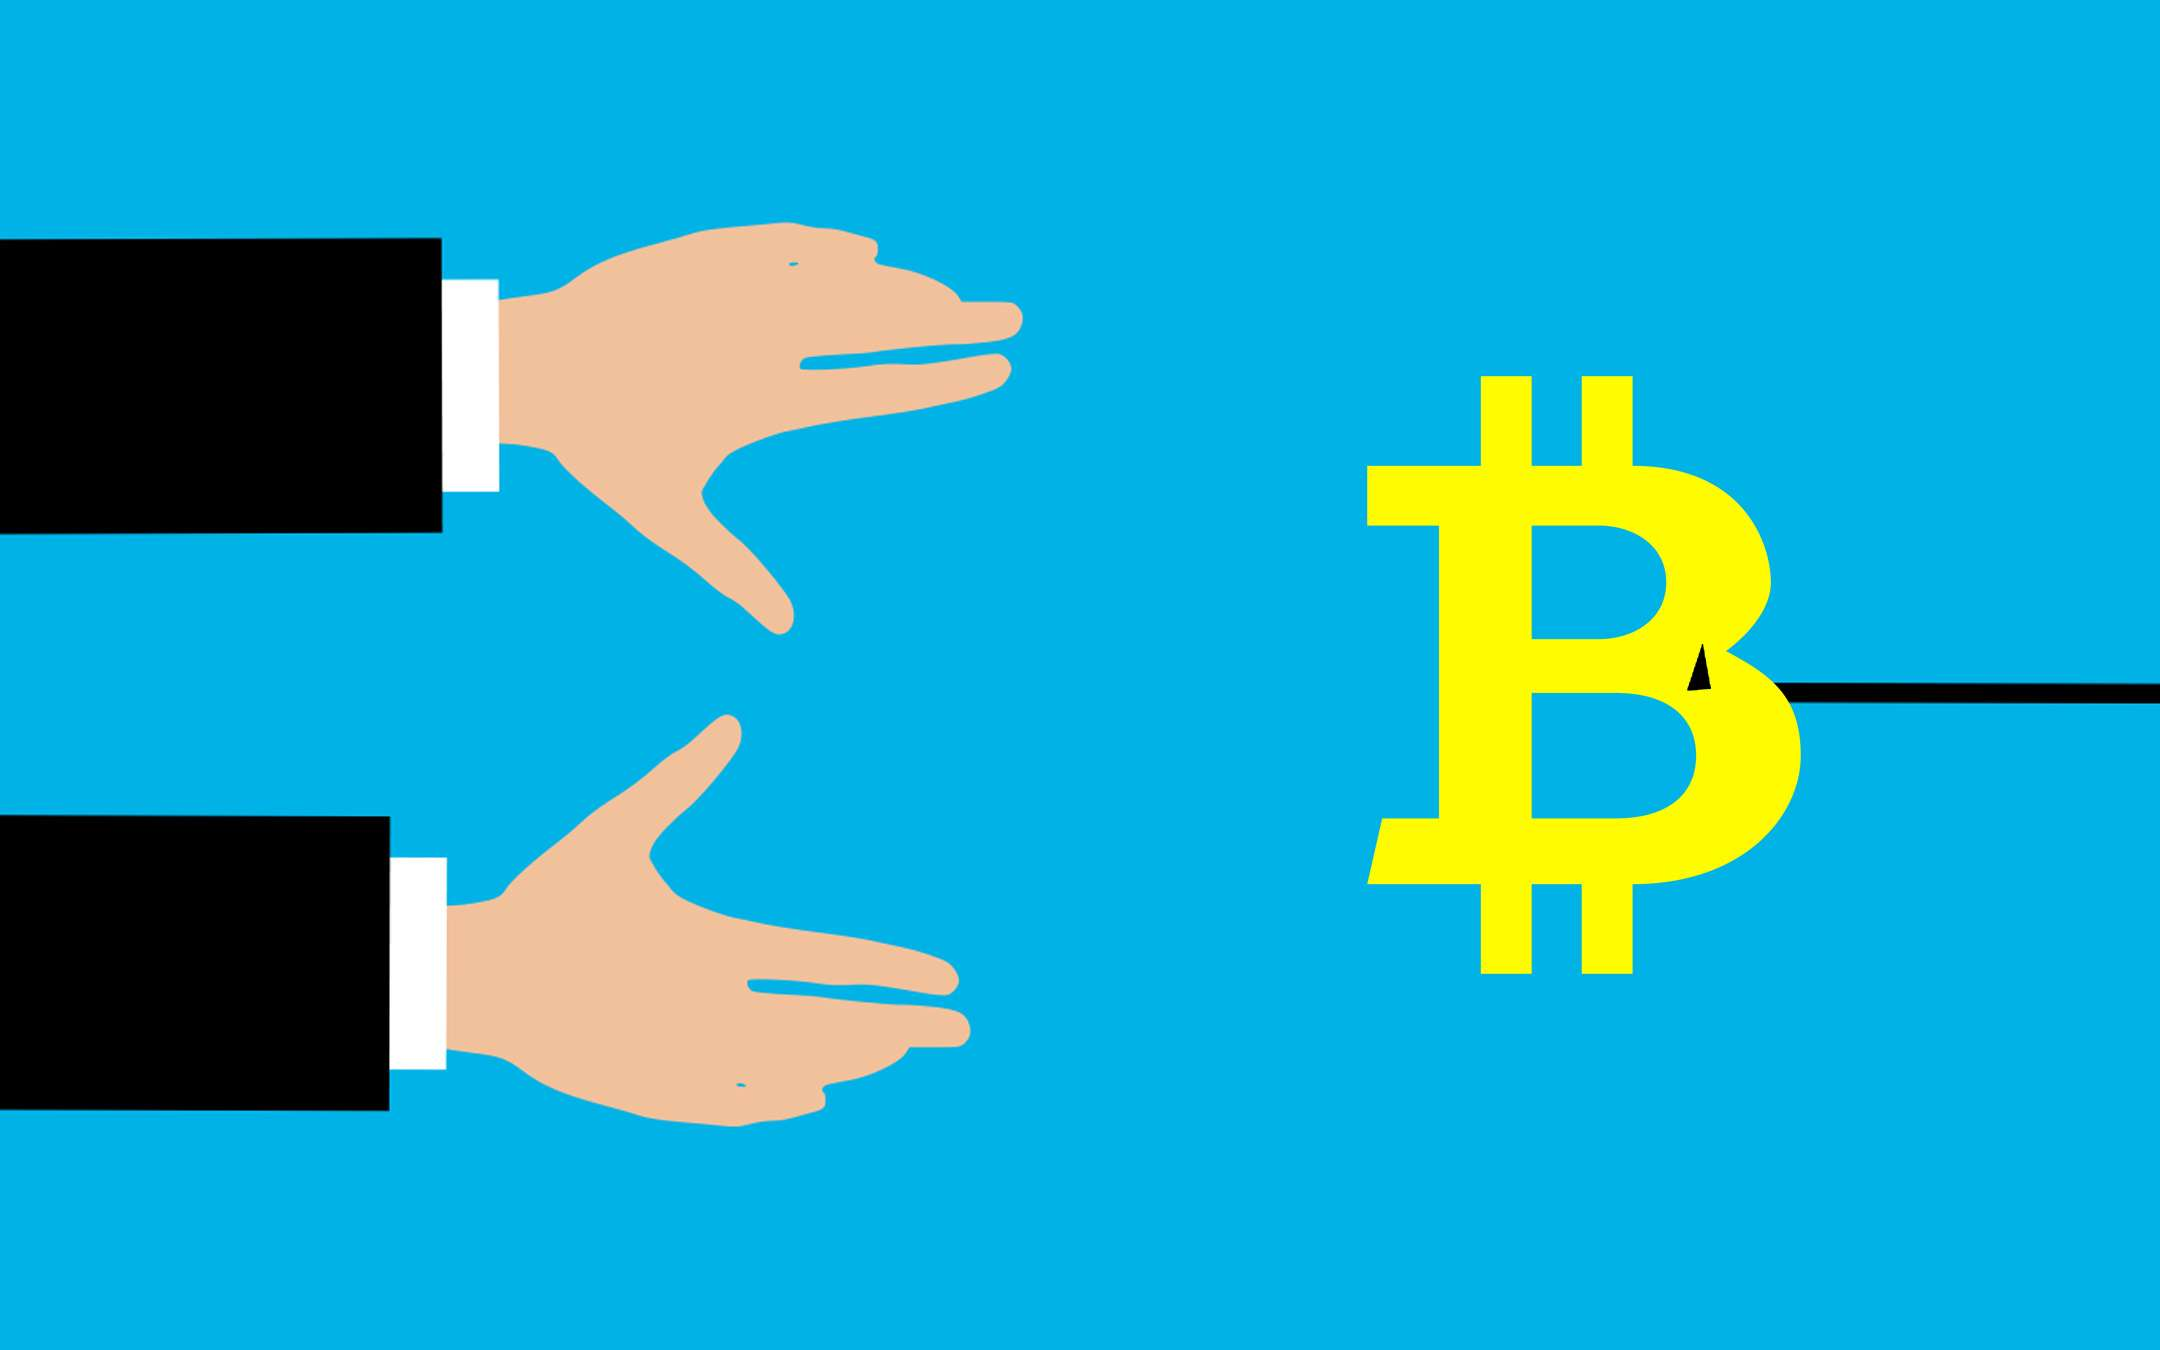 bitcoin è uno schema ponzi)